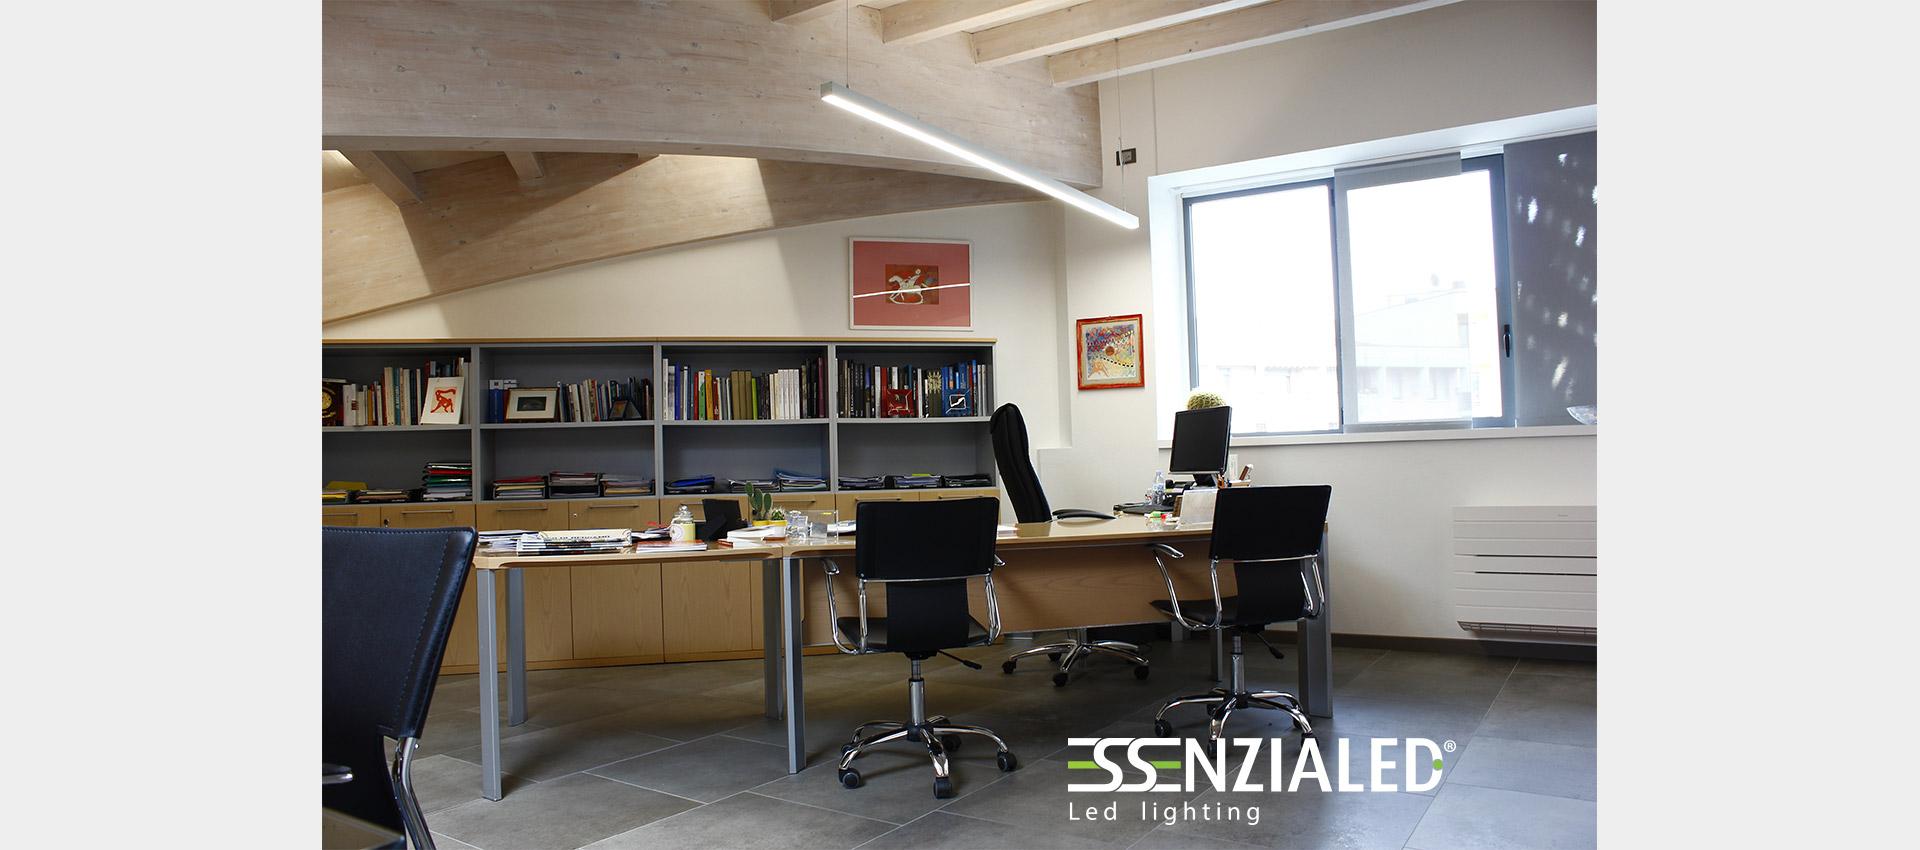 Travi A Vista Illuminazione illuminazione-uffici-travi-a-vista - essenzialed